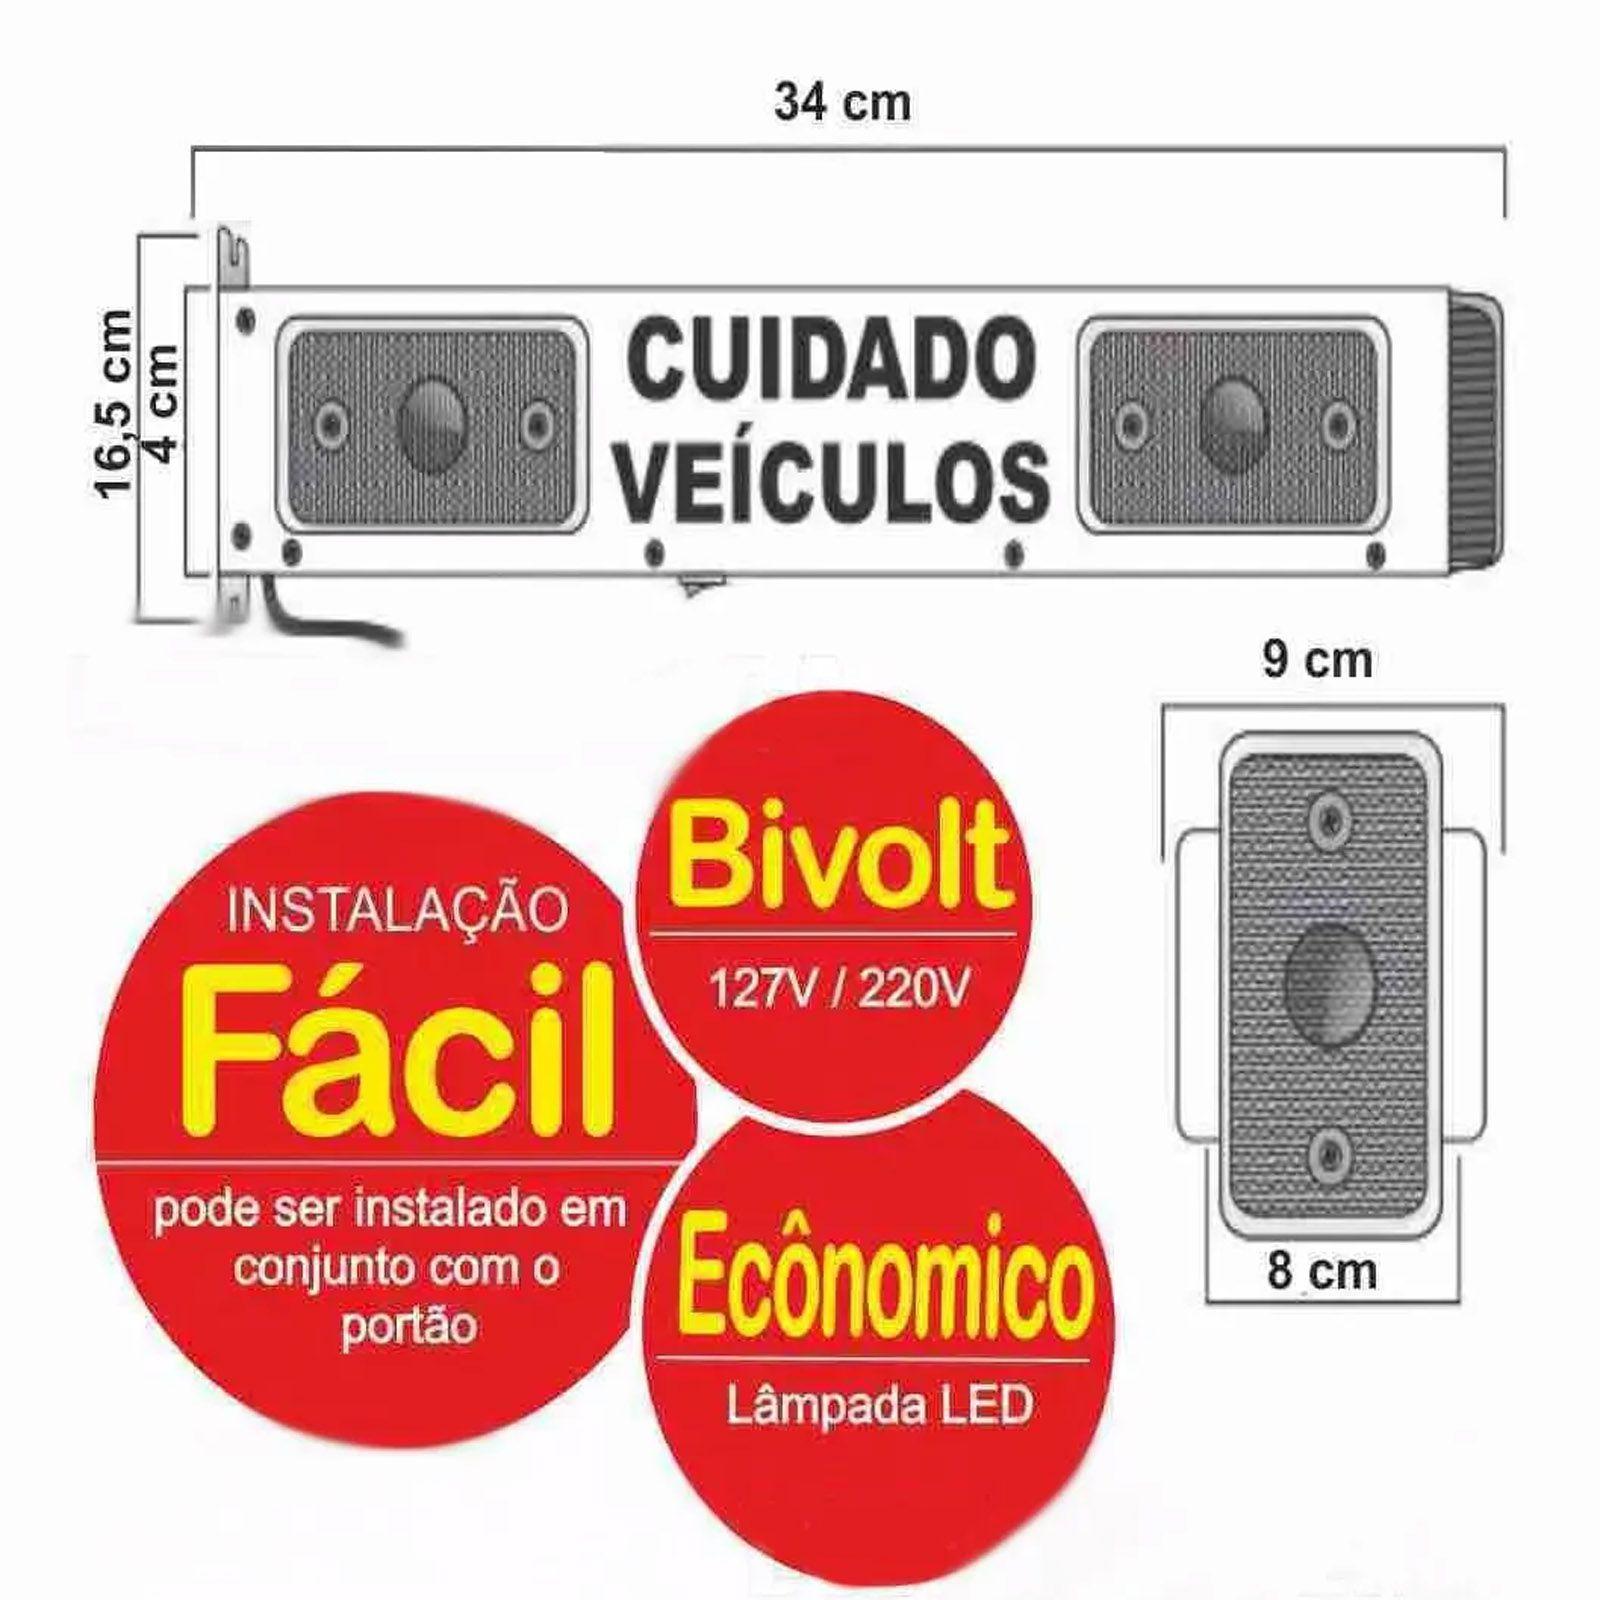 Sinalizador de veicular Garagem Entrada e Saída de Veículos Led Bivolt LED12